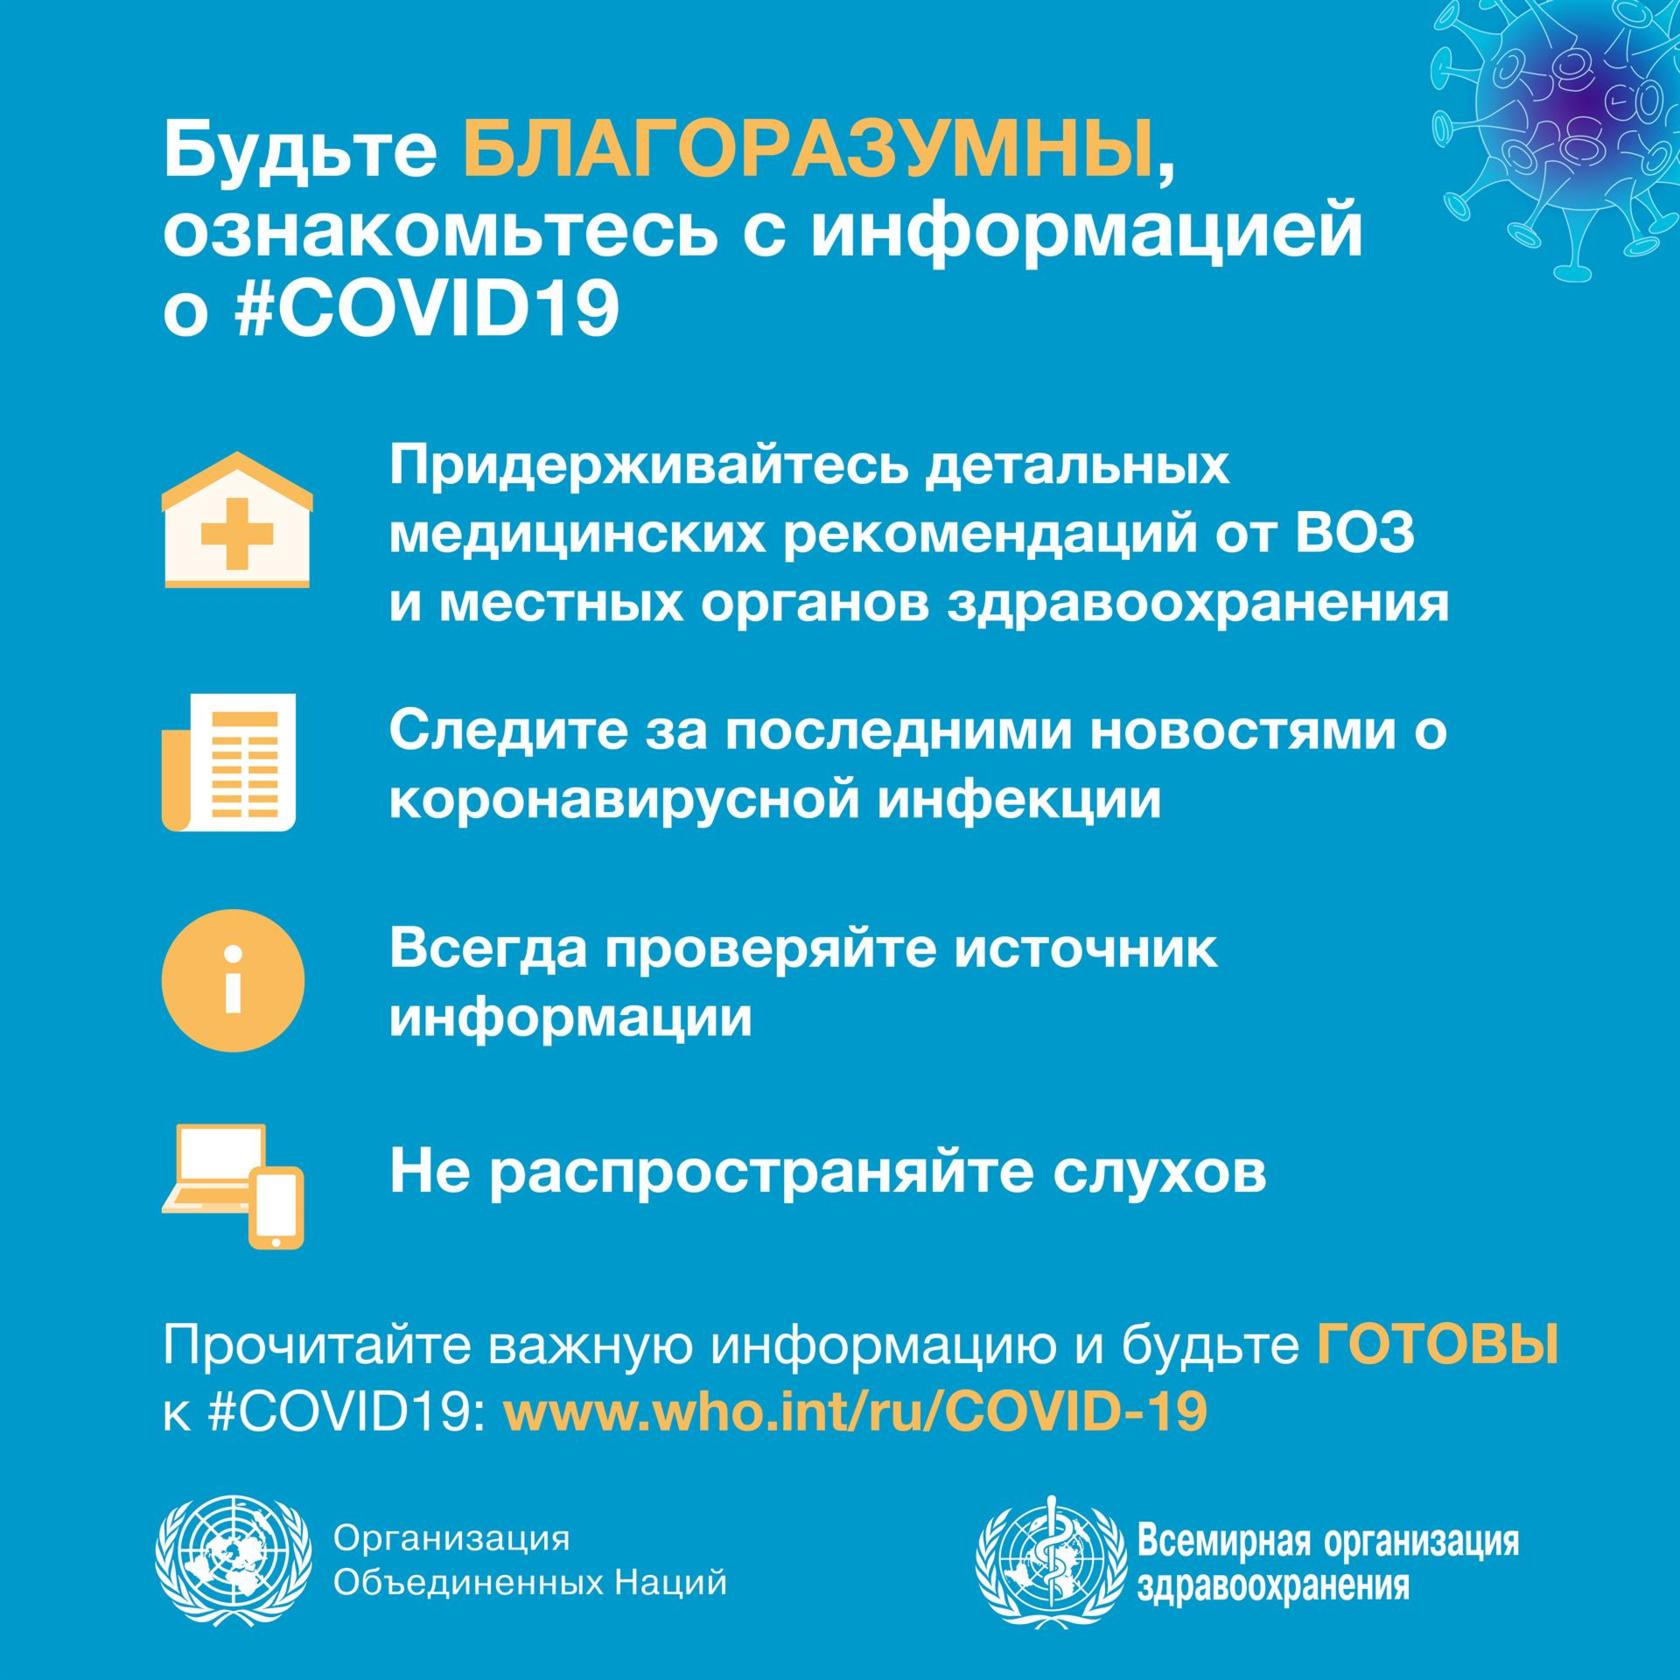 ознакомьтесь с информацией о коронавирусе